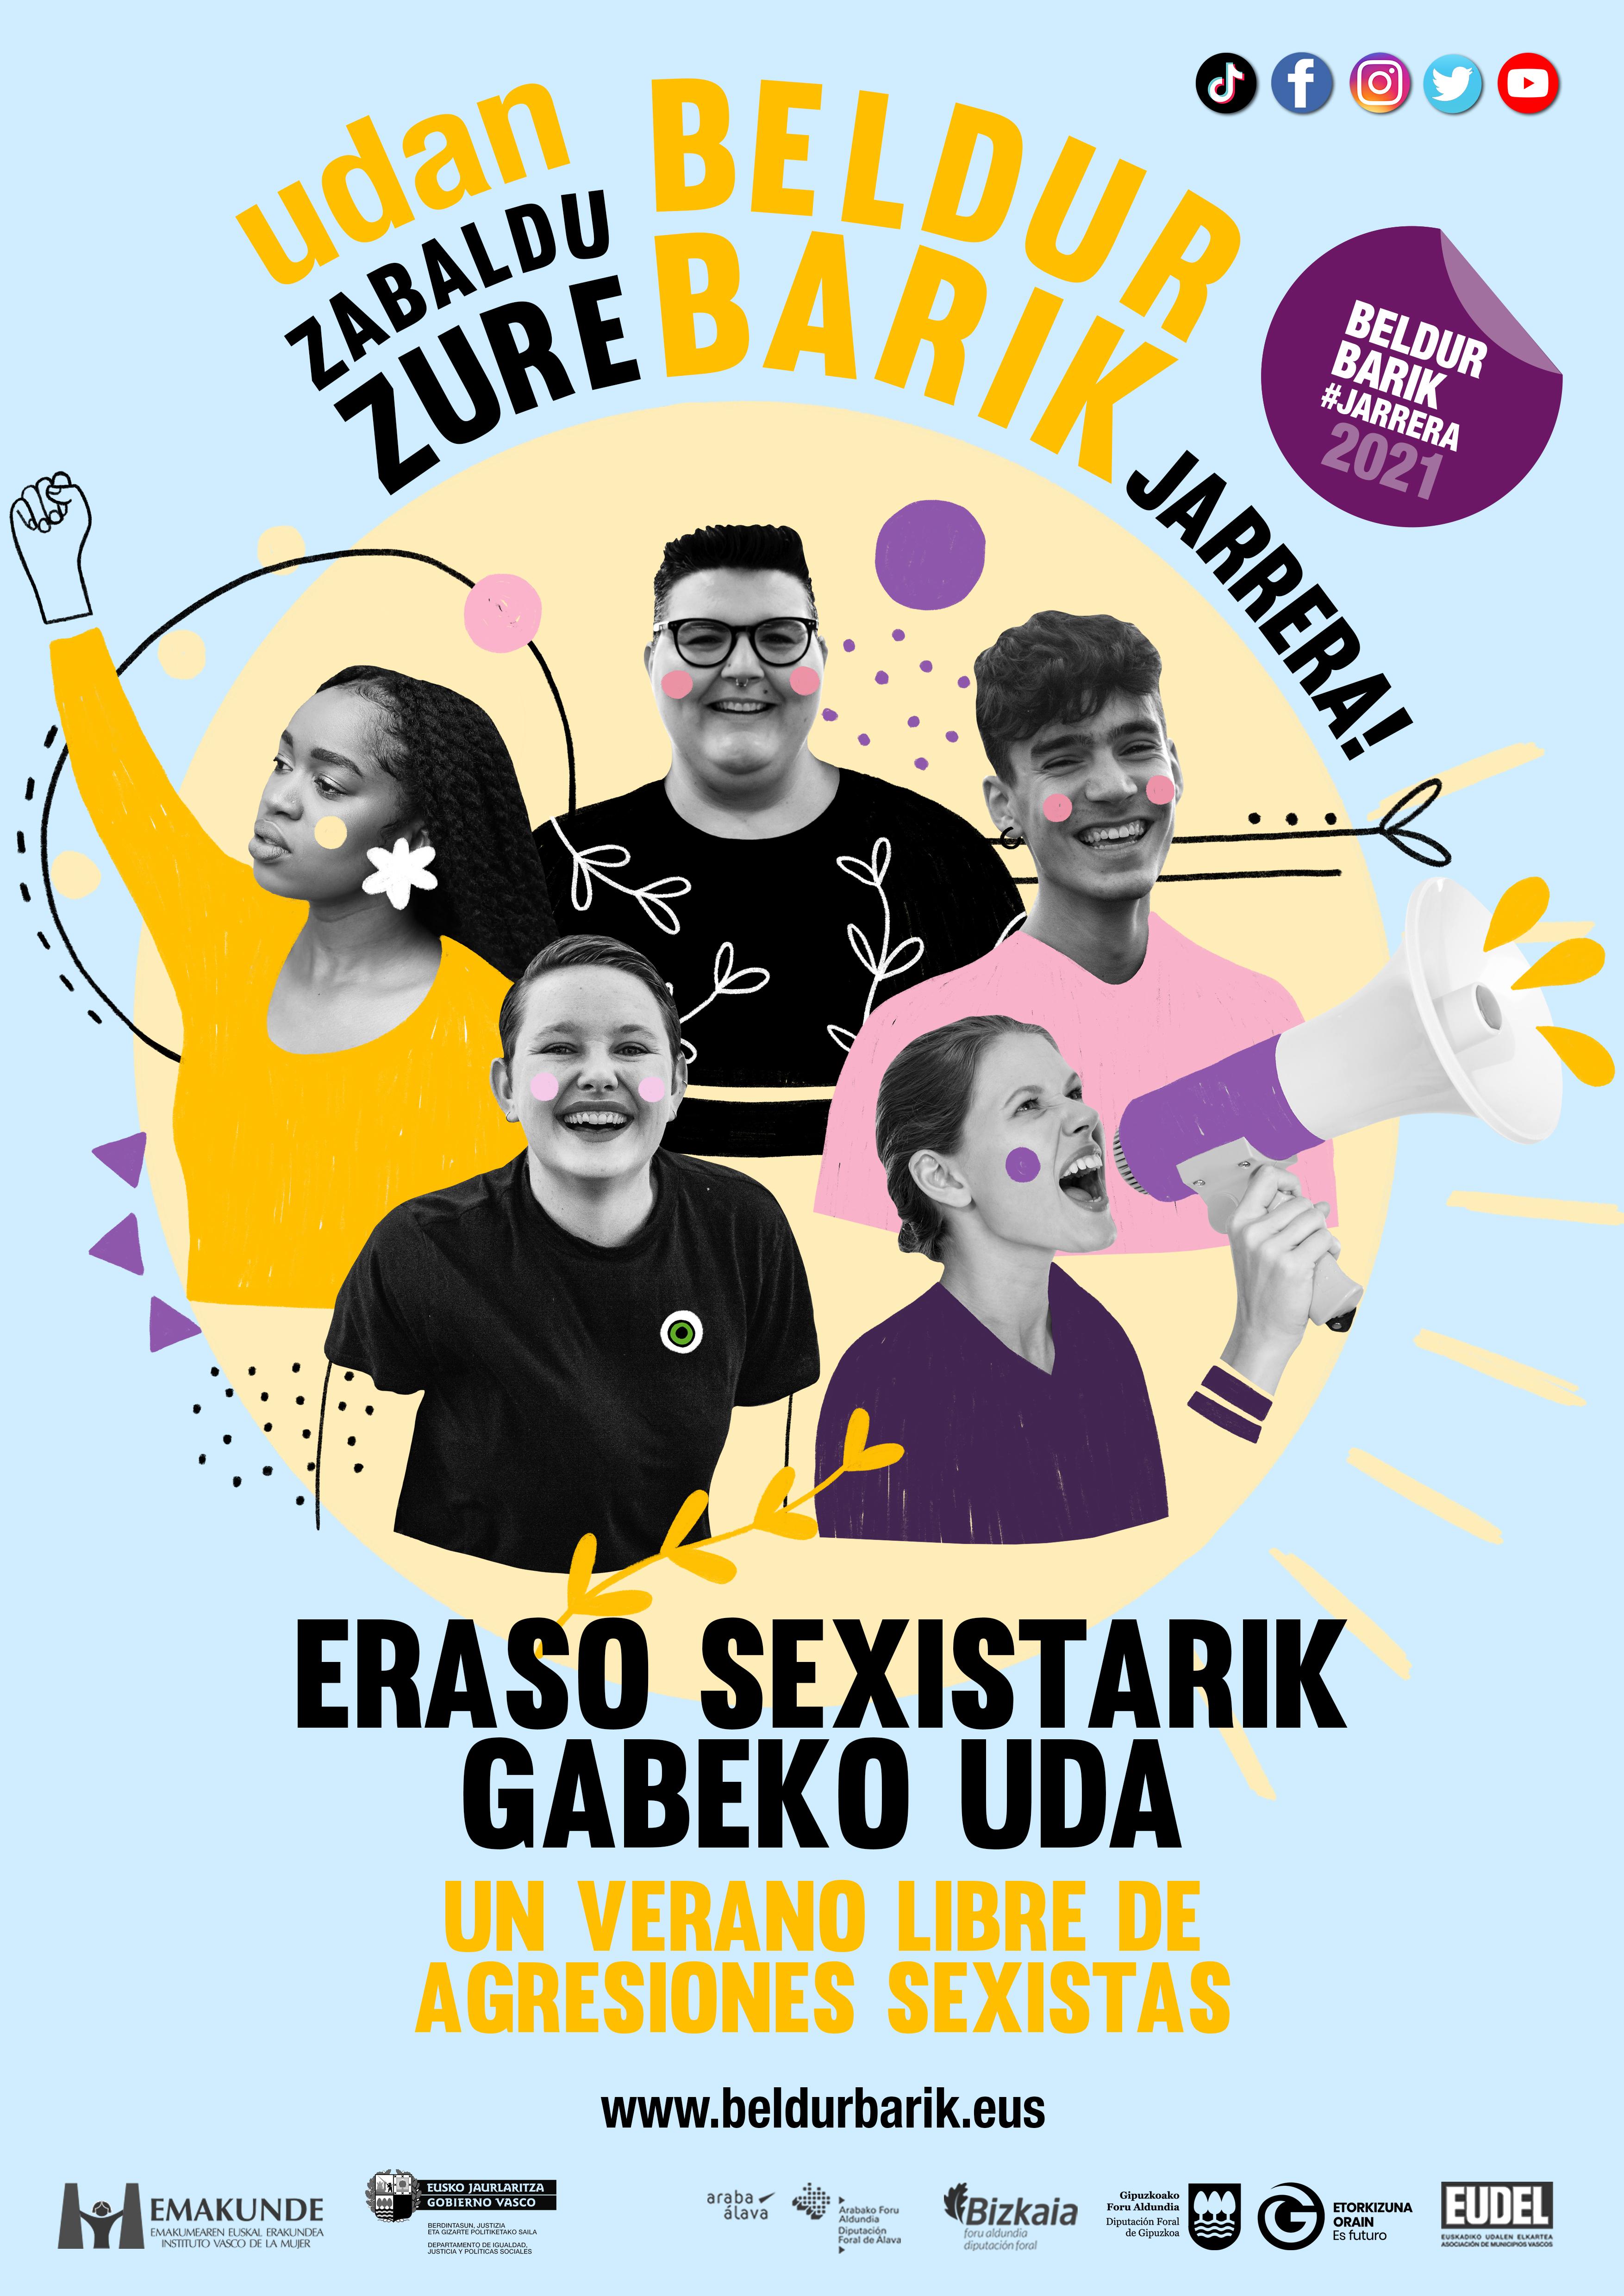 Eraso Sexistarik Gabeko Uda 2021, kartela.